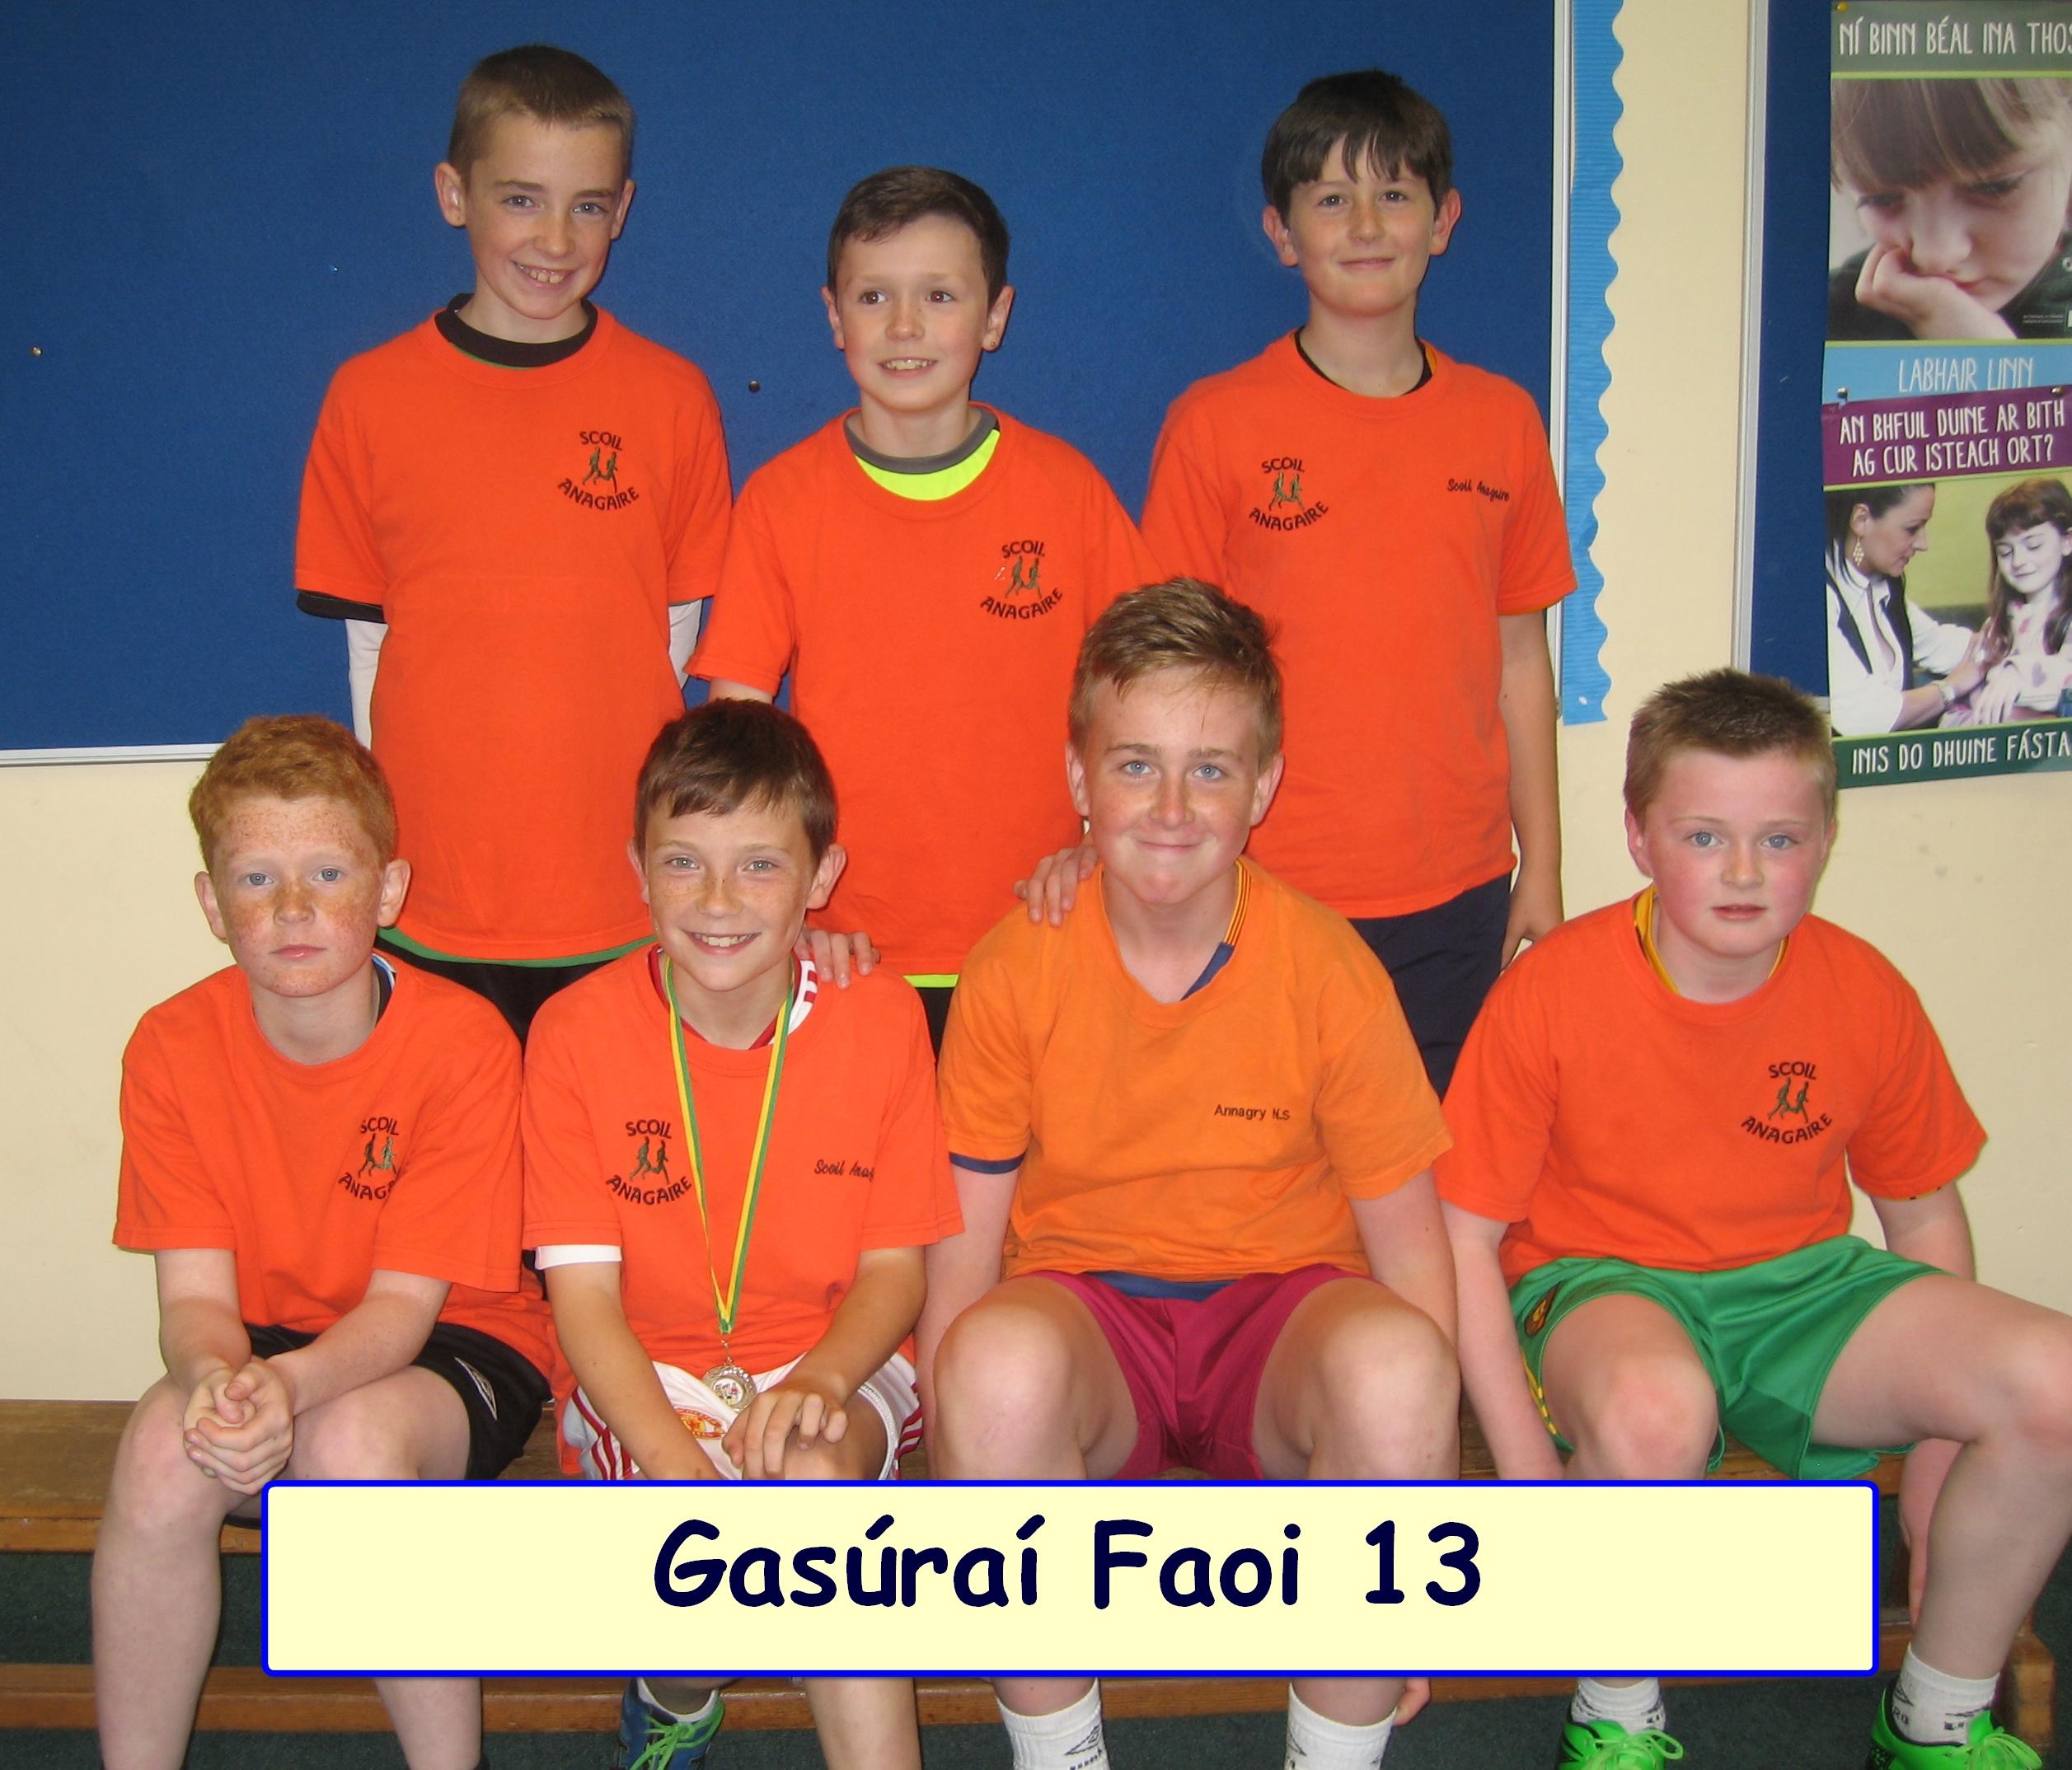 gas Faoi 13